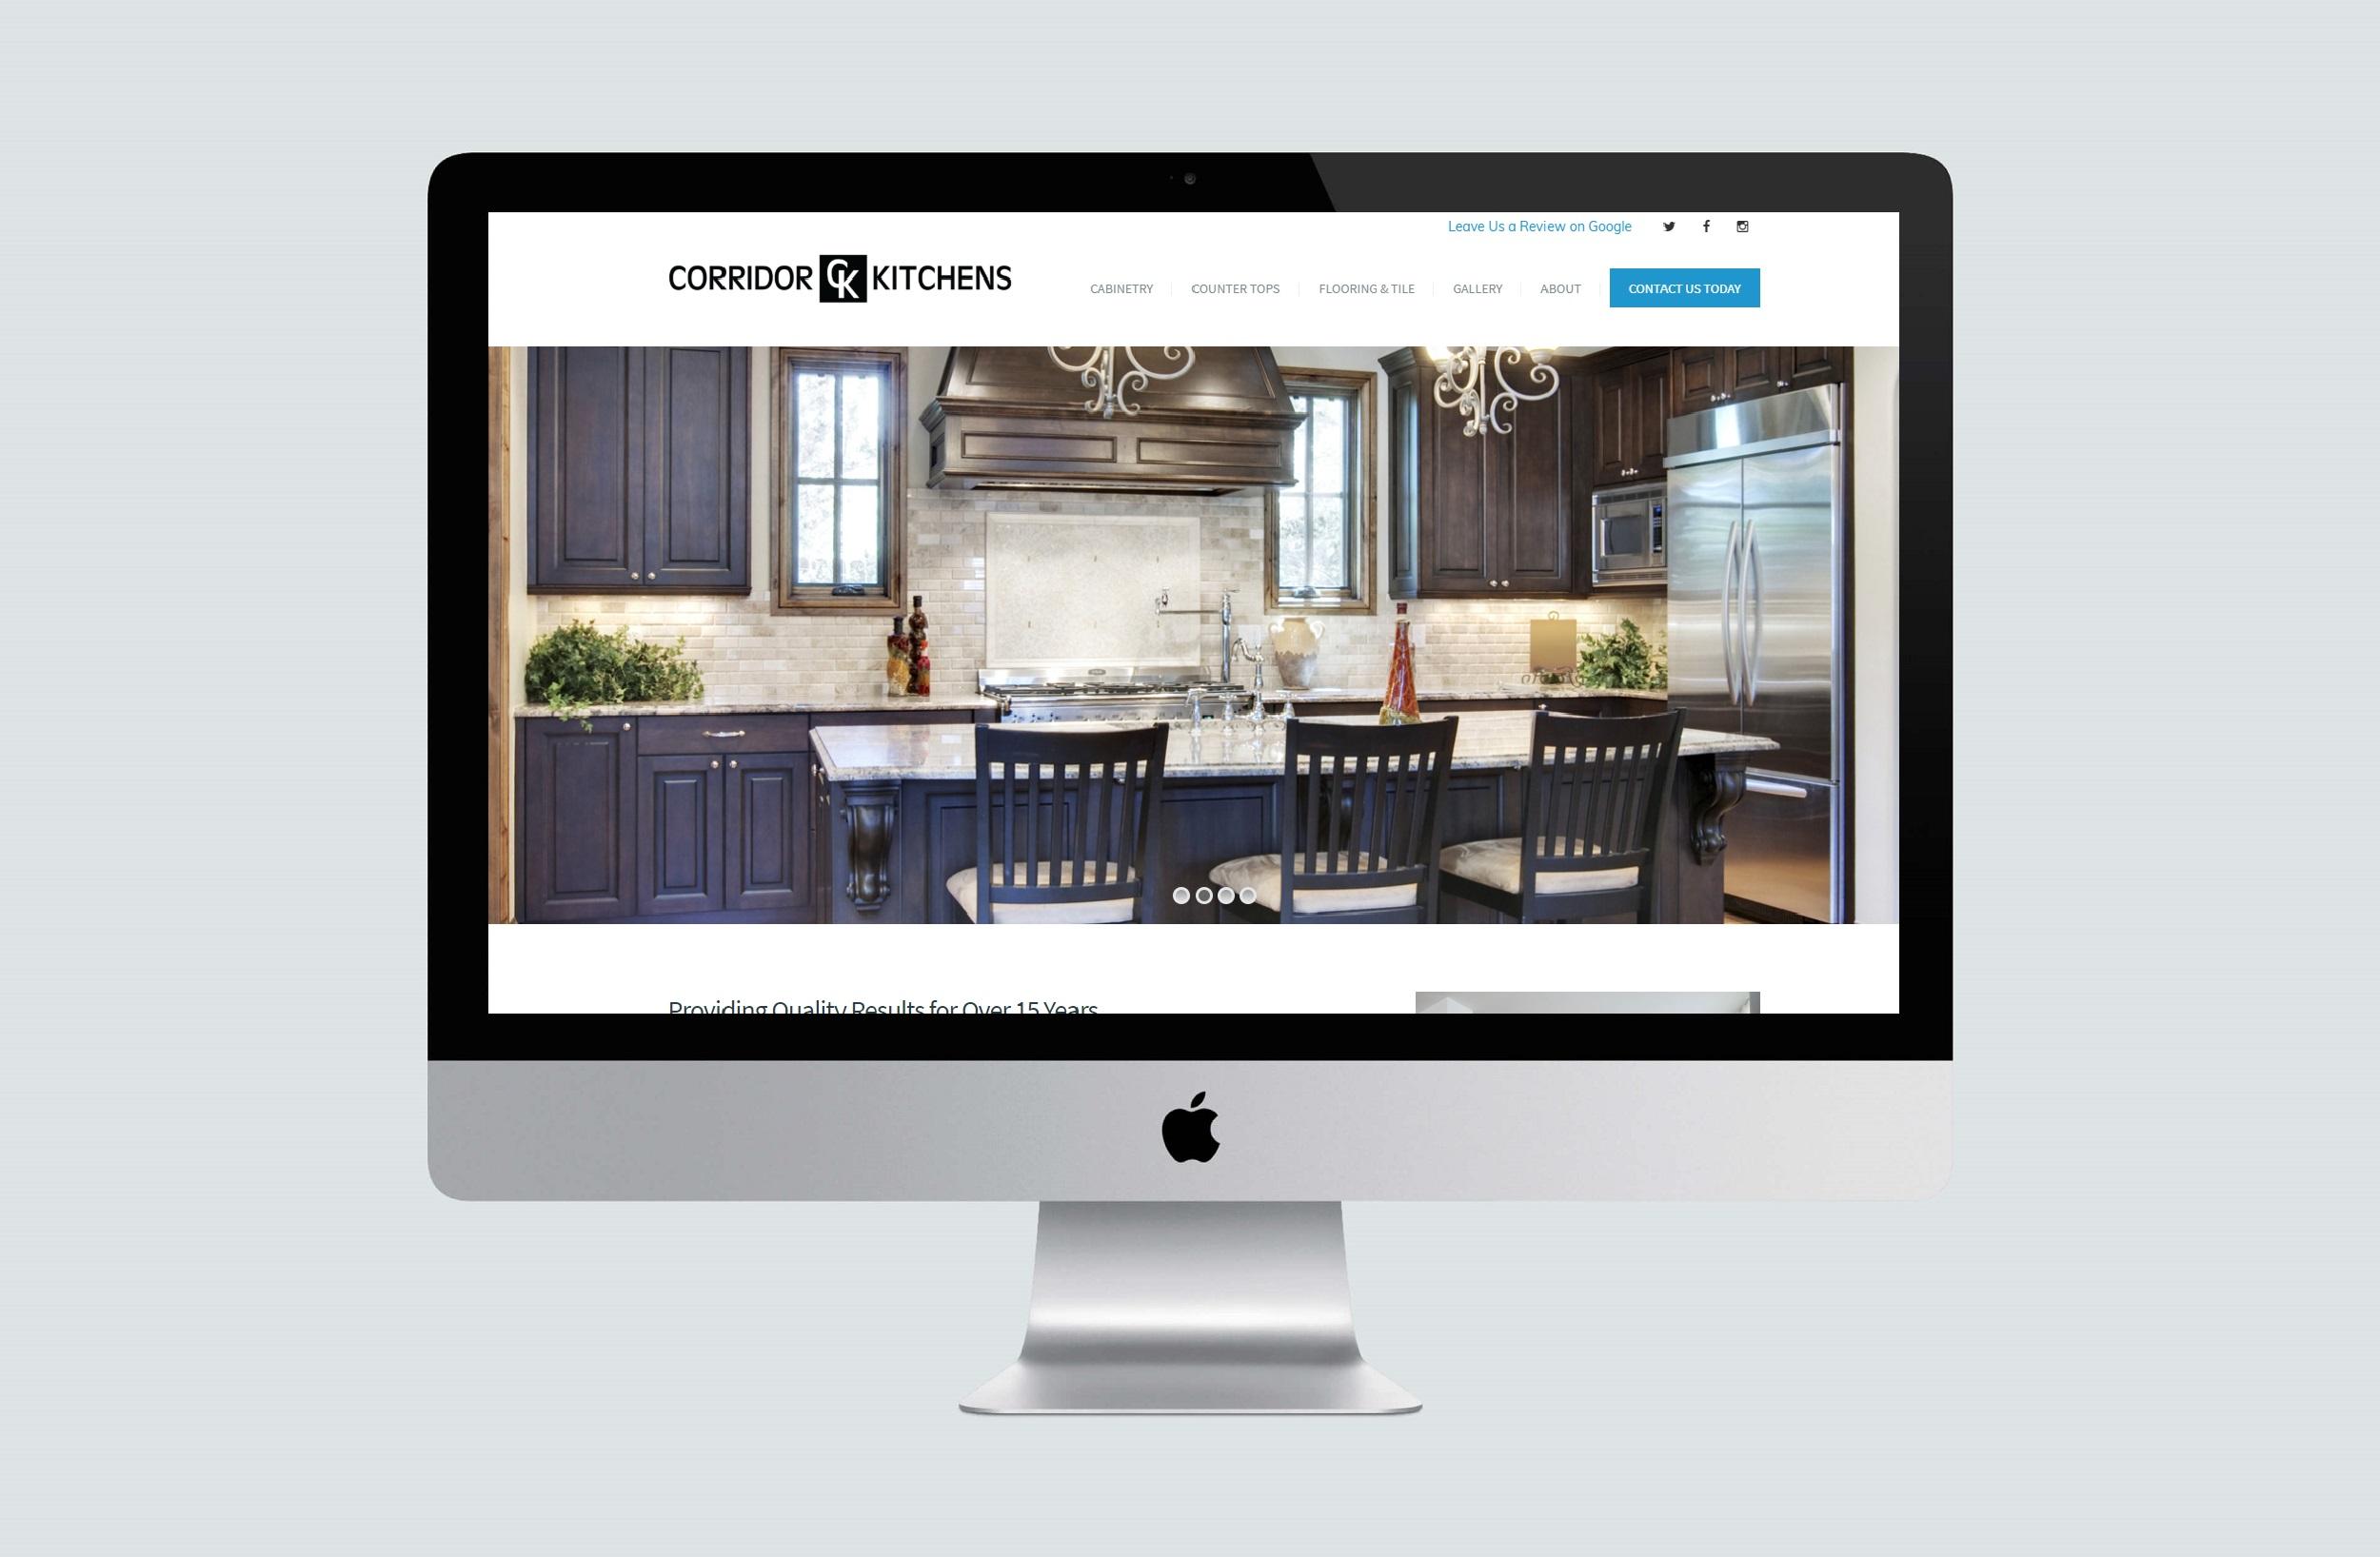 Corridor Kitchens website